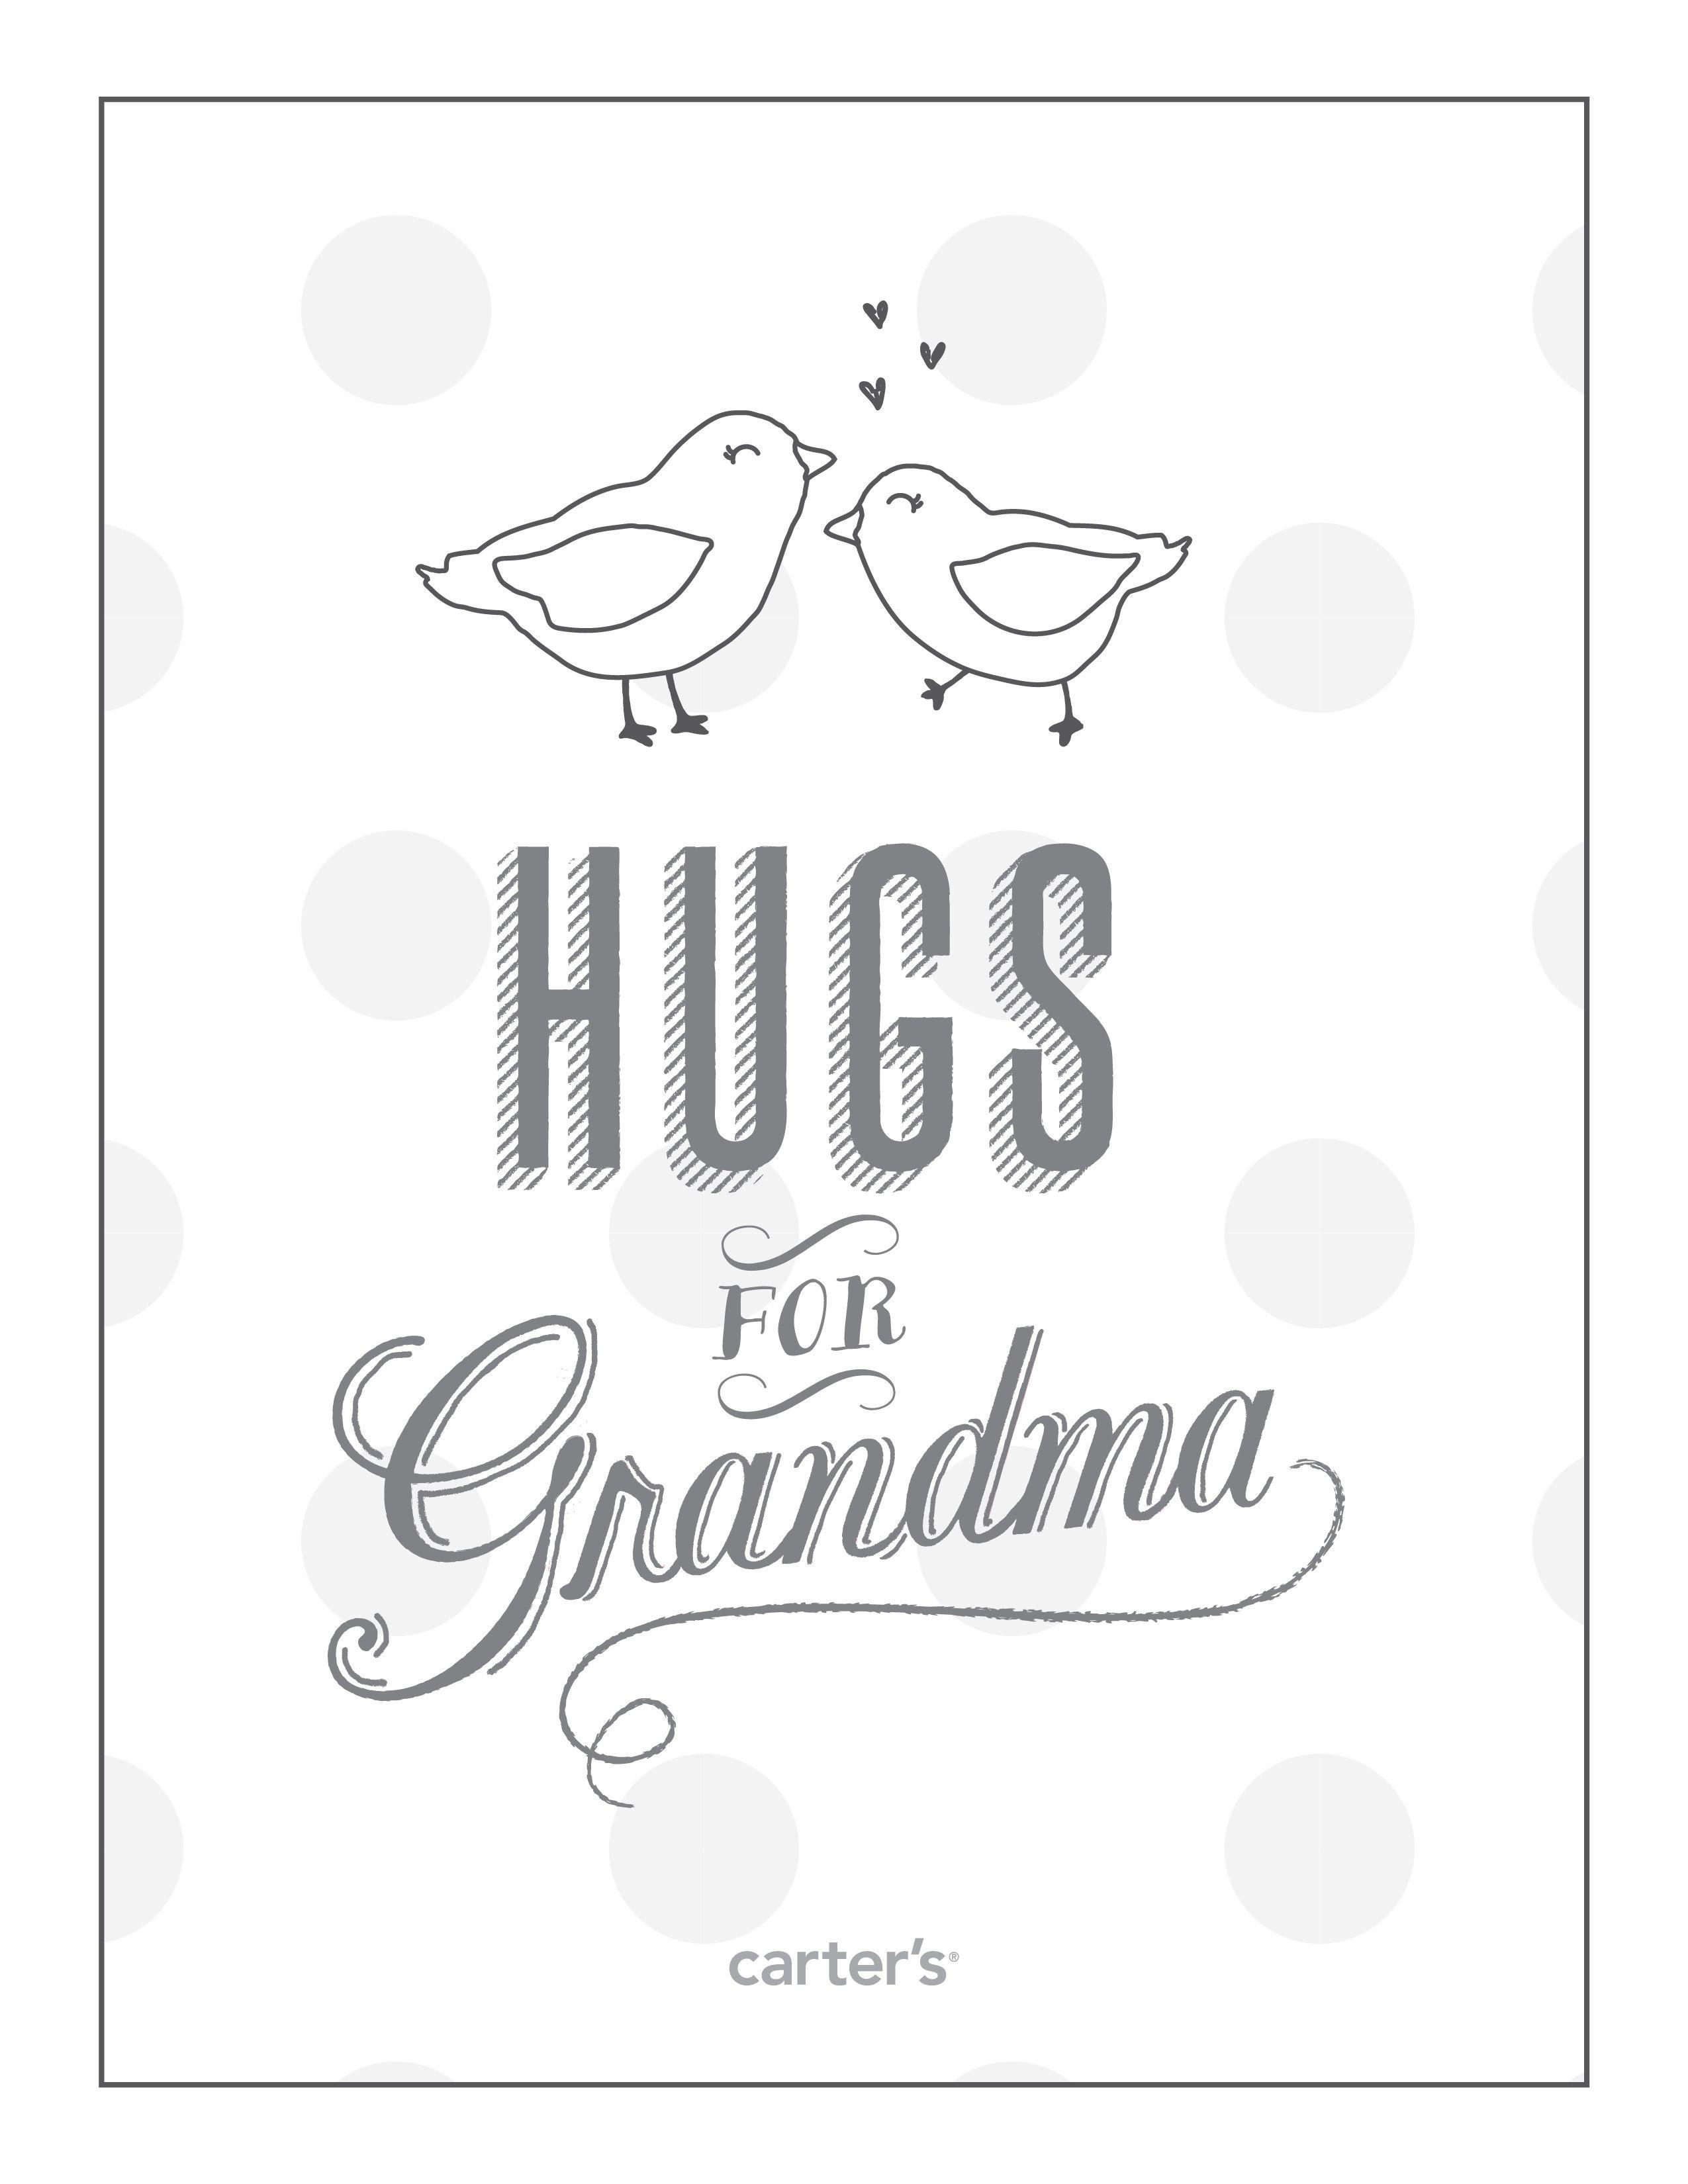 Hugs for Grandma. Download free Grandparent's Day coloring